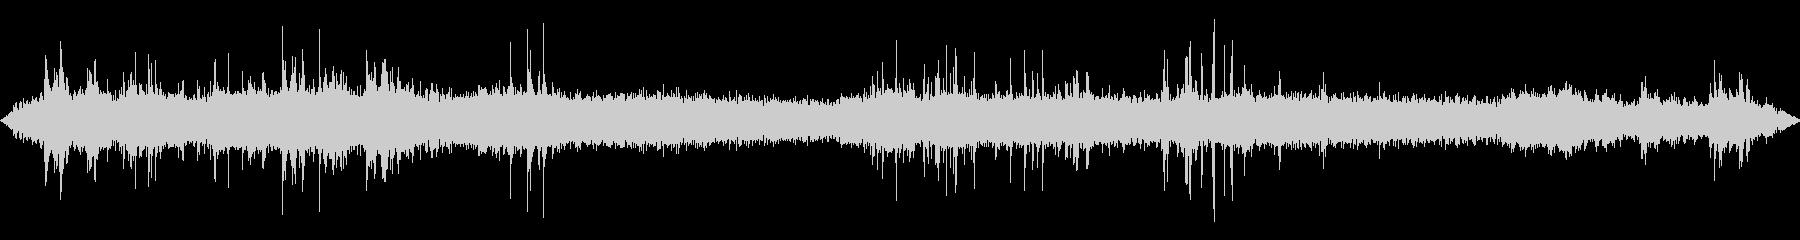 工事現場の 音の未再生の波形